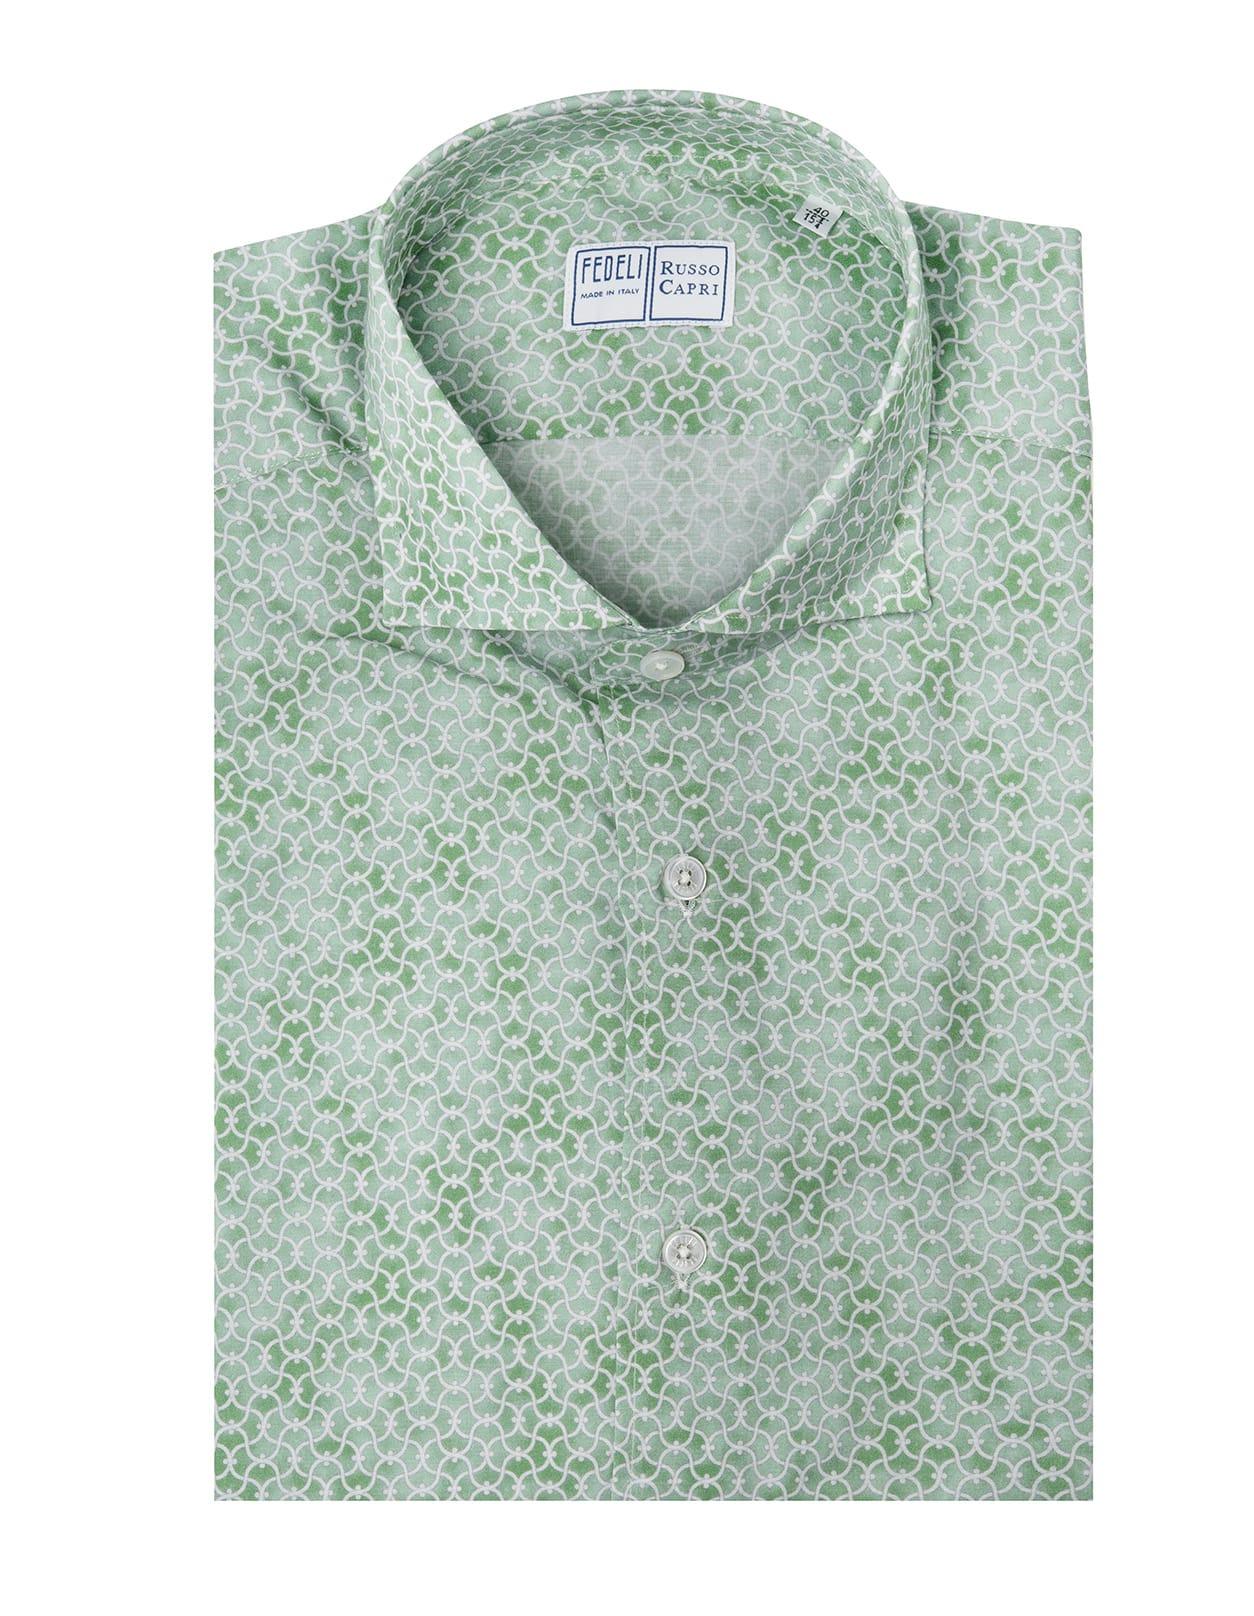 Light Green Shirt With Arabesque